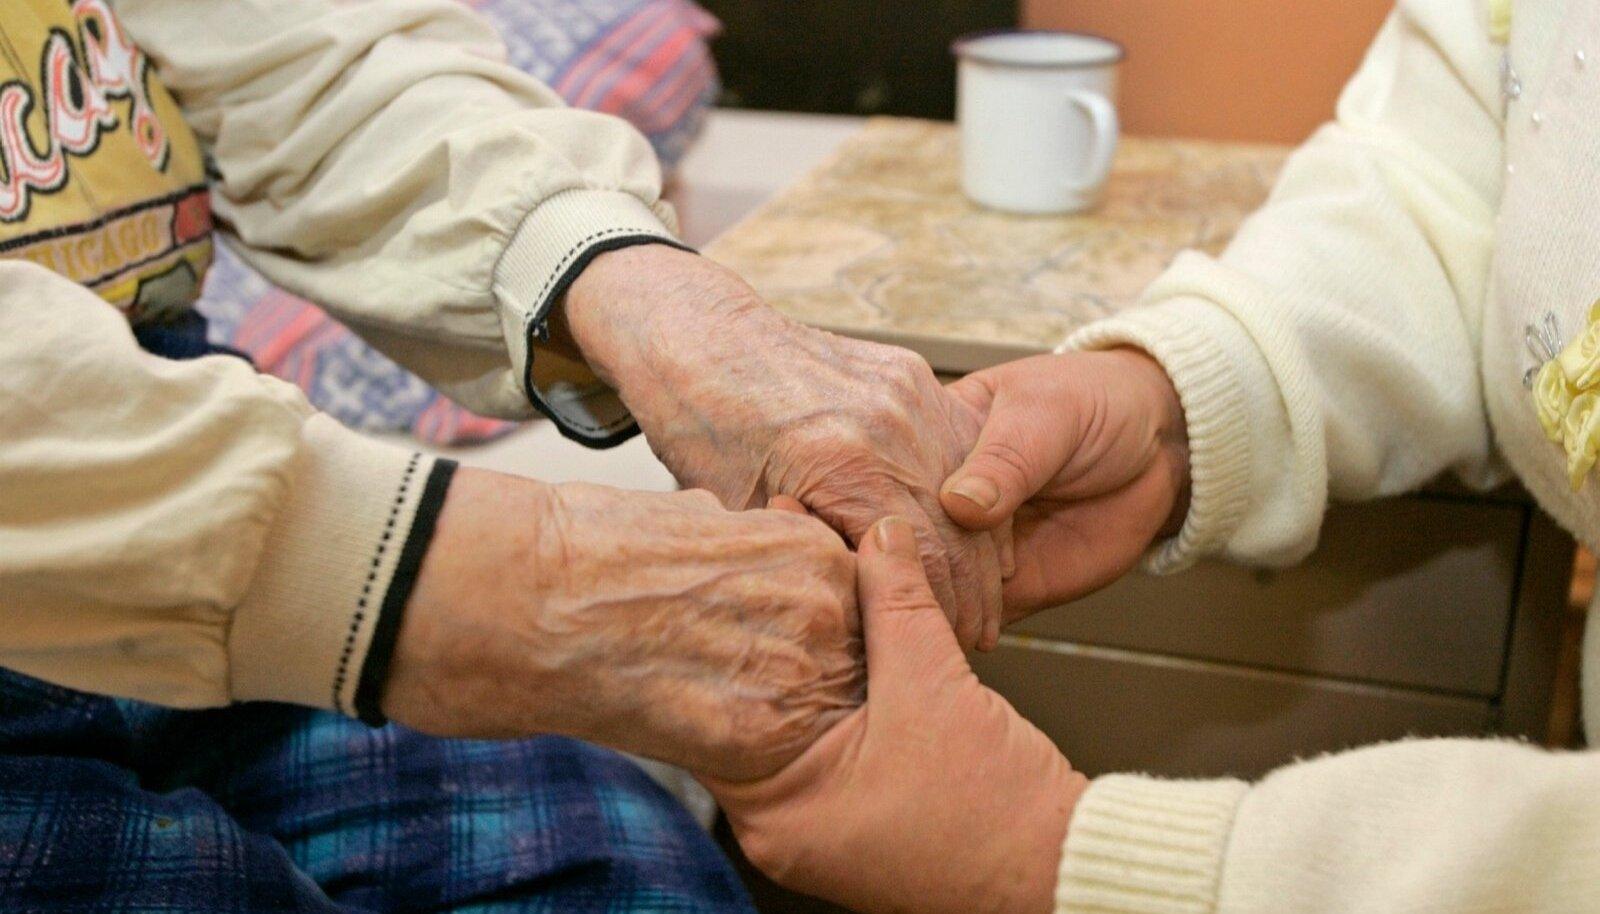 Hooldekodutöötaja kätes on habras inimelu